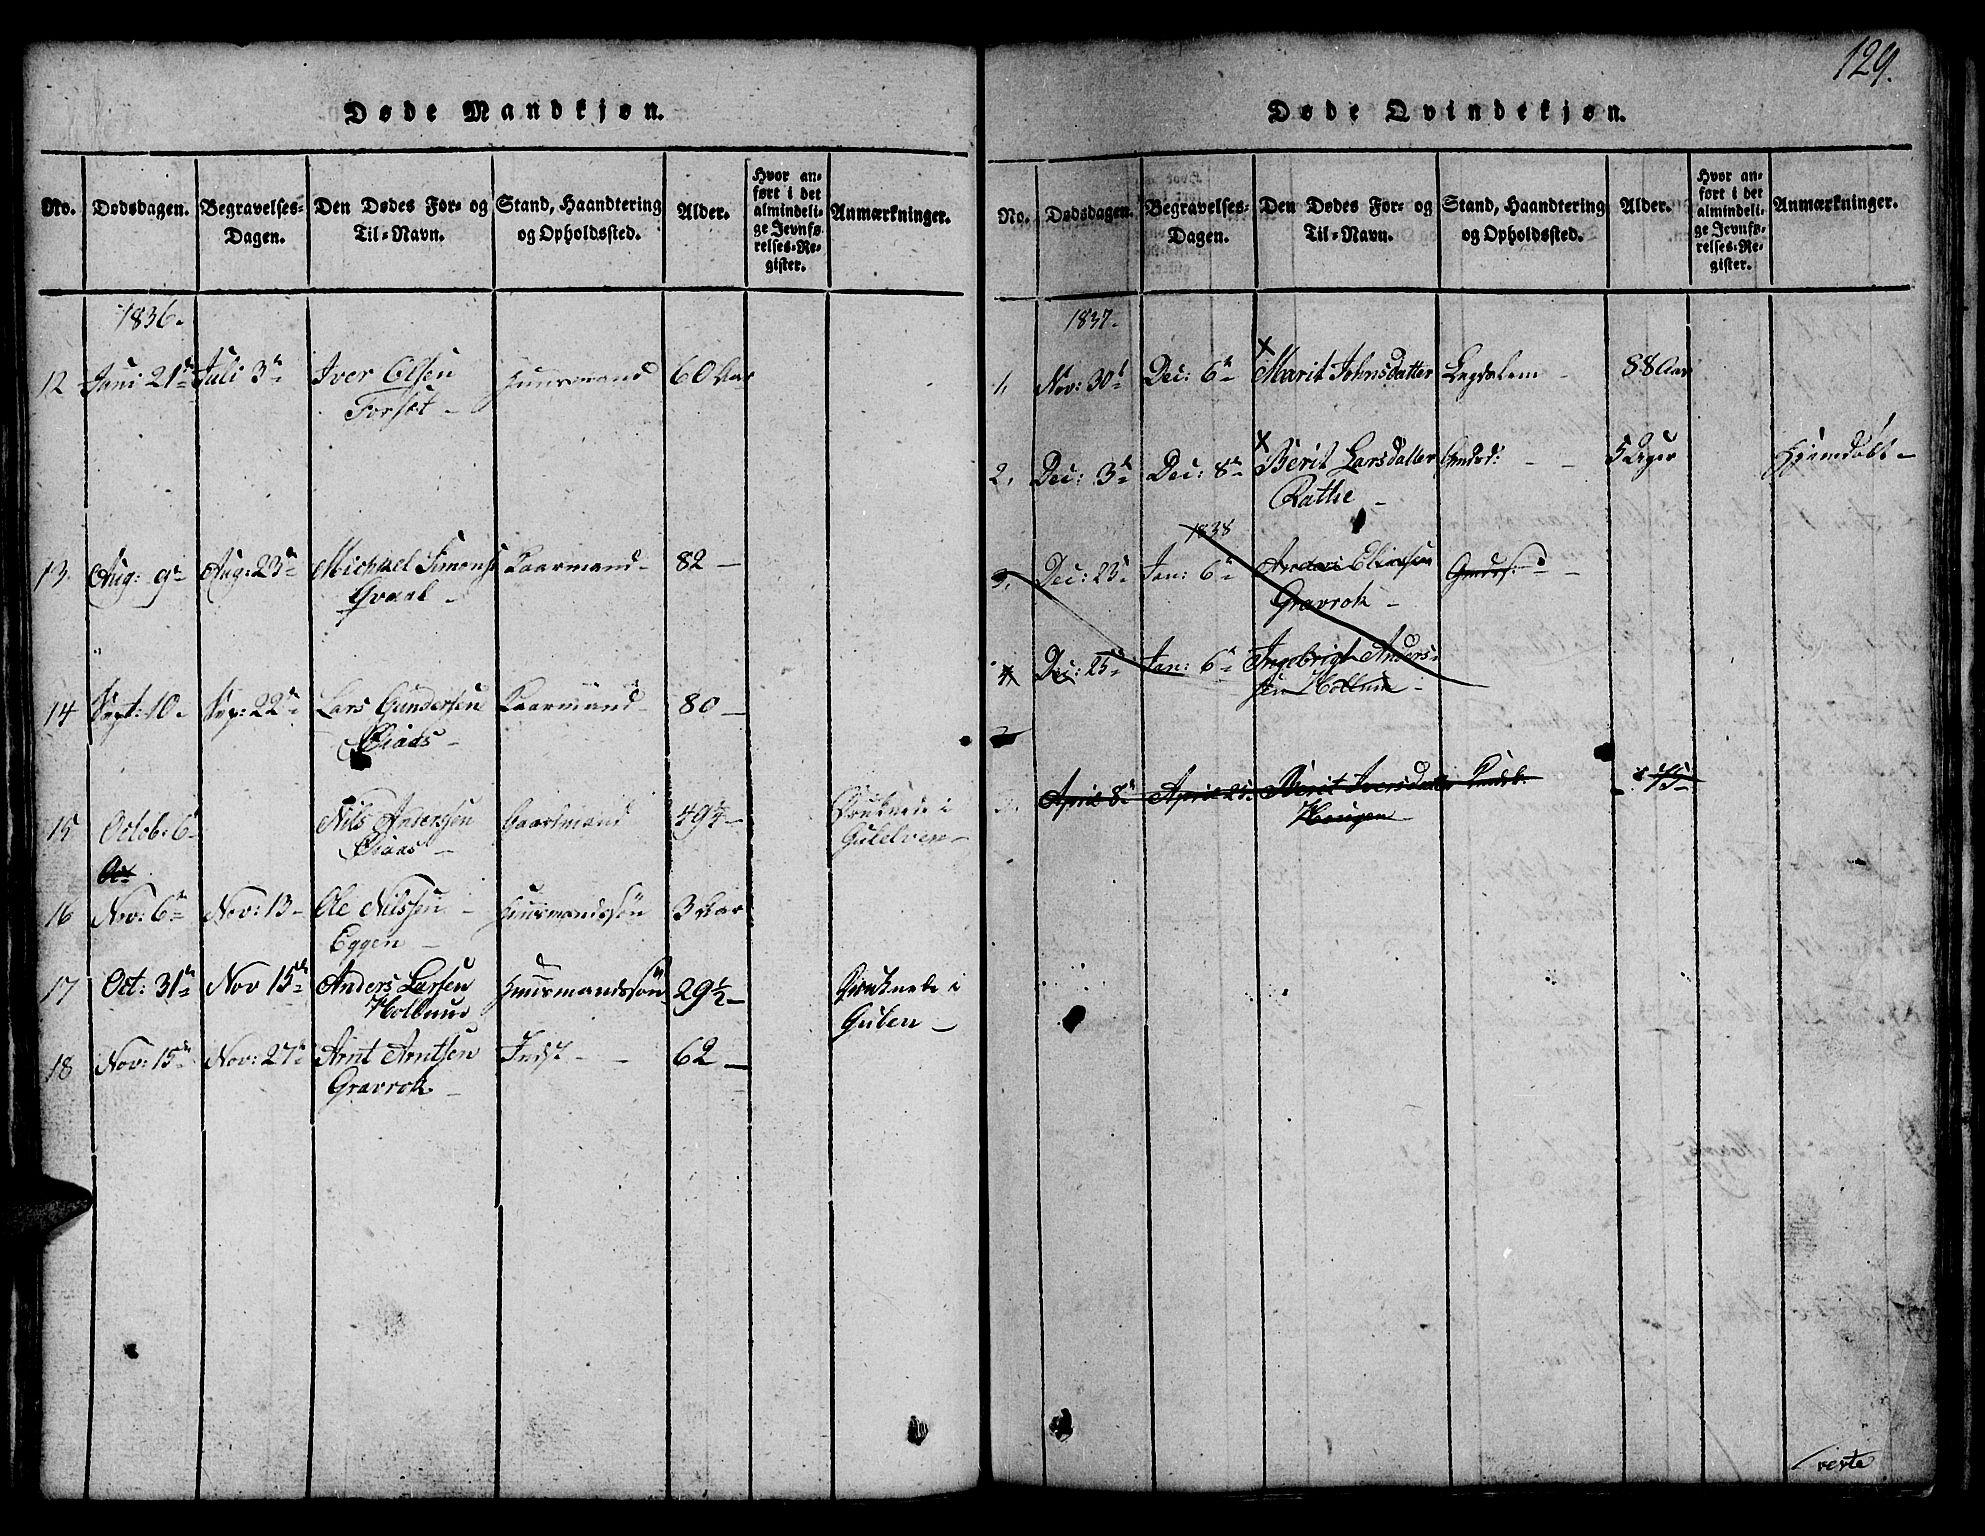 SAT, Ministerialprotokoller, klokkerbøker og fødselsregistre - Sør-Trøndelag, 691/L1092: Klokkerbok nr. 691C03, 1816-1852, s. 129